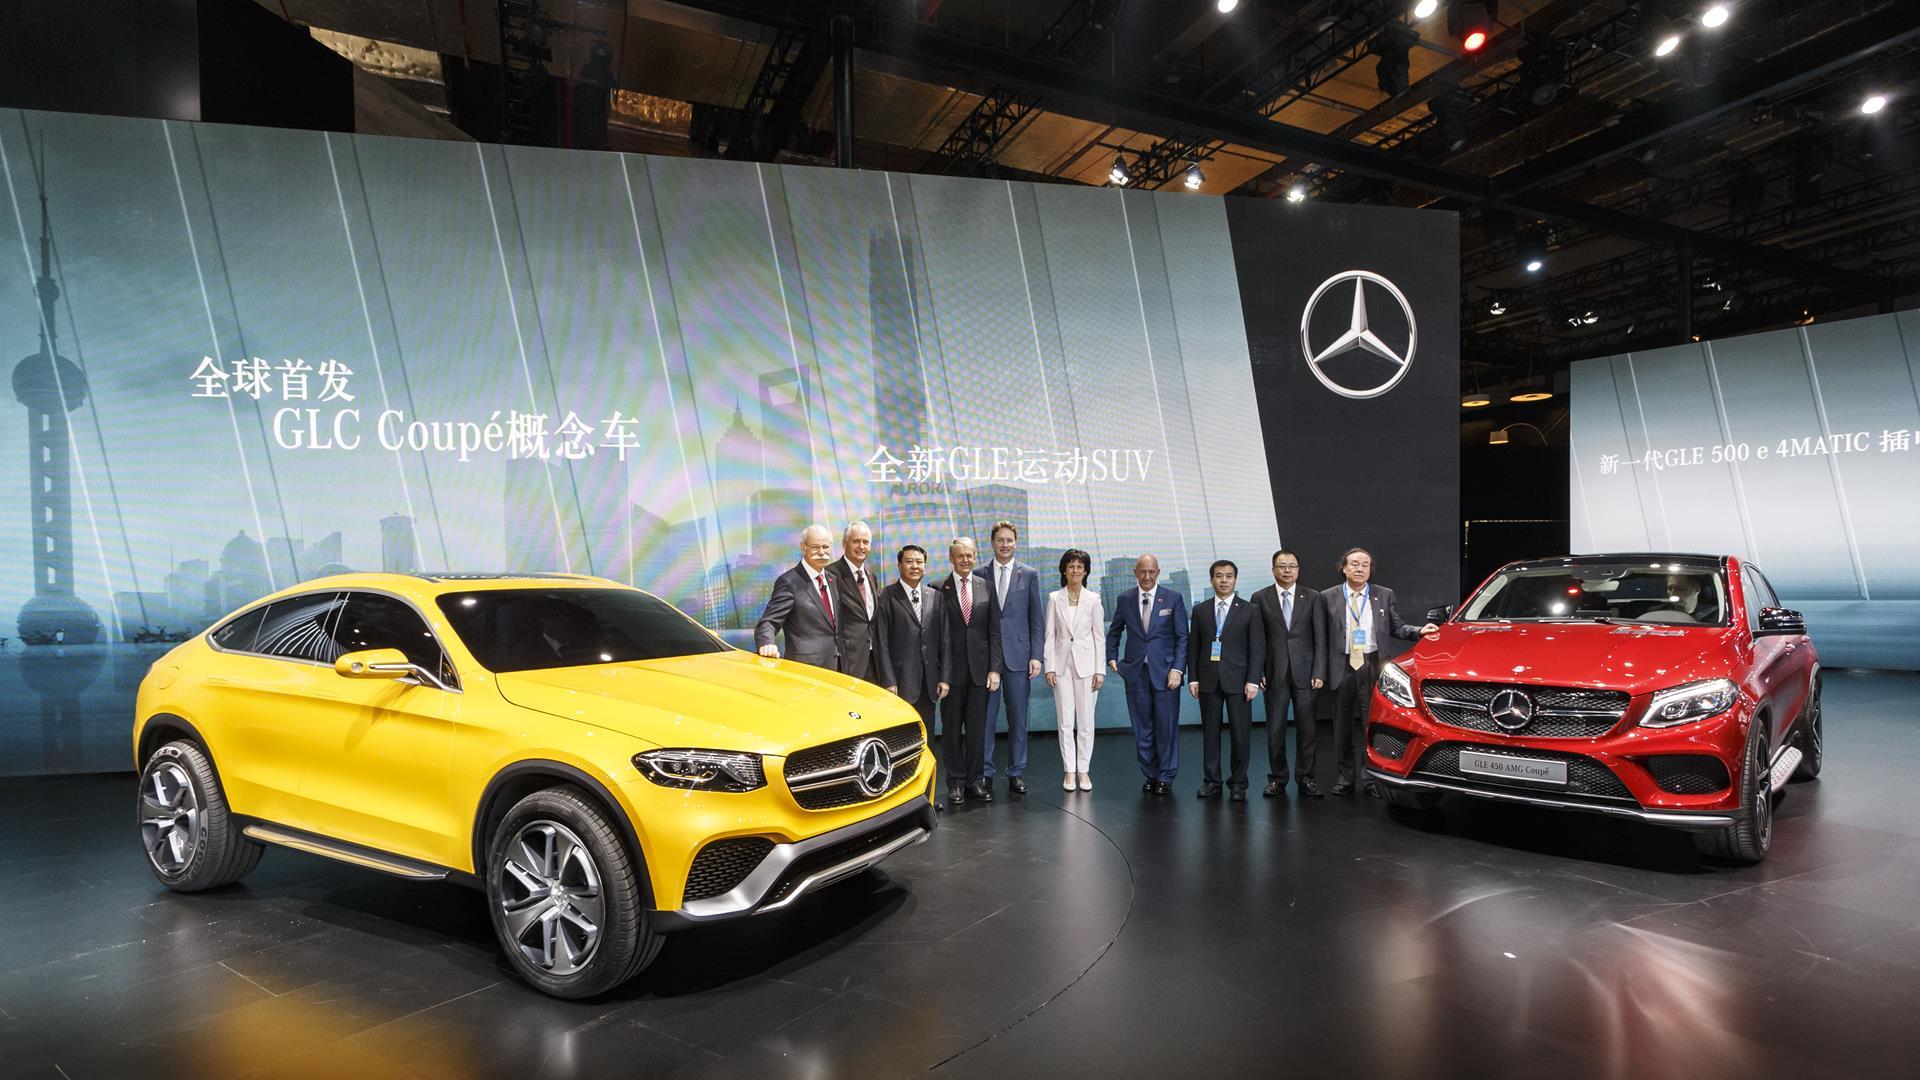 https://www.conceptcarz.com/images/Mercedes-Benz/2015-Mercedes-GLC_Coupe-Concept-001.jpg